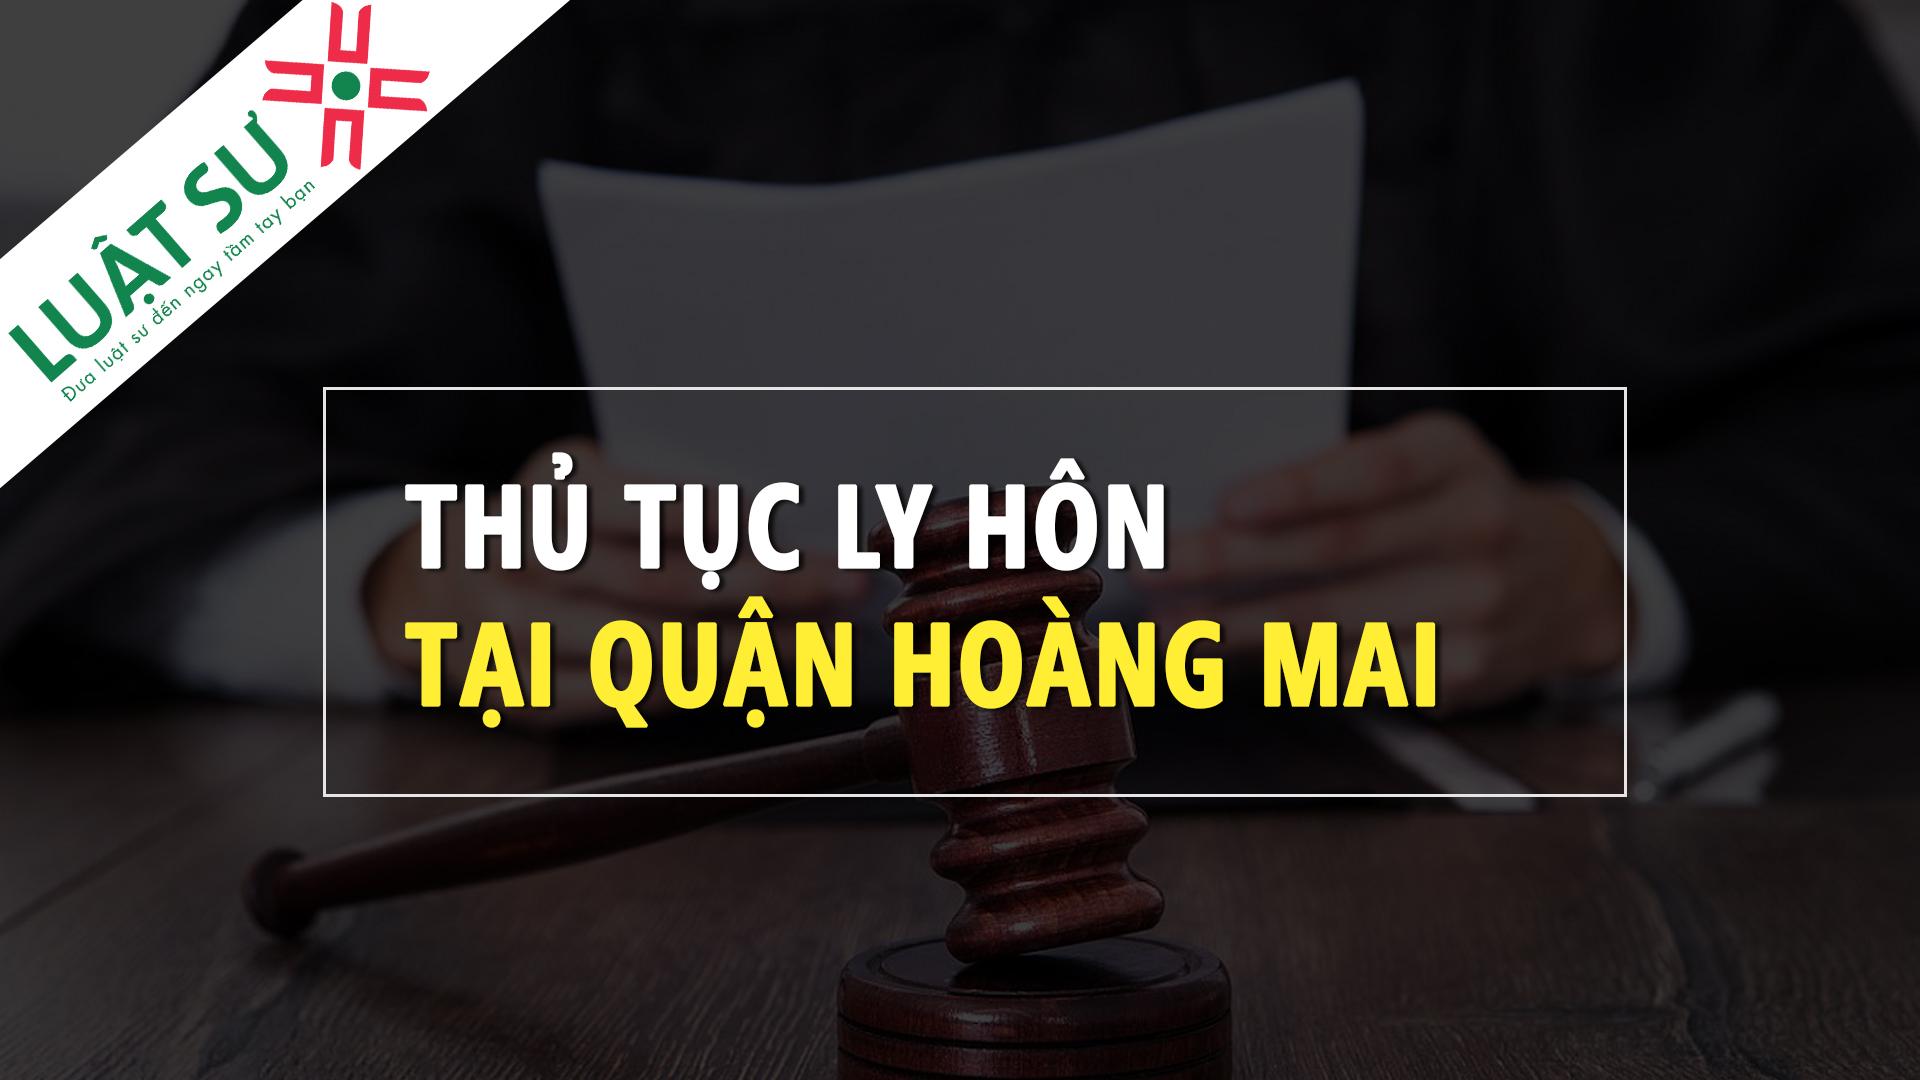 Thủ tục ly hôn tại Quận Hoàng Mai